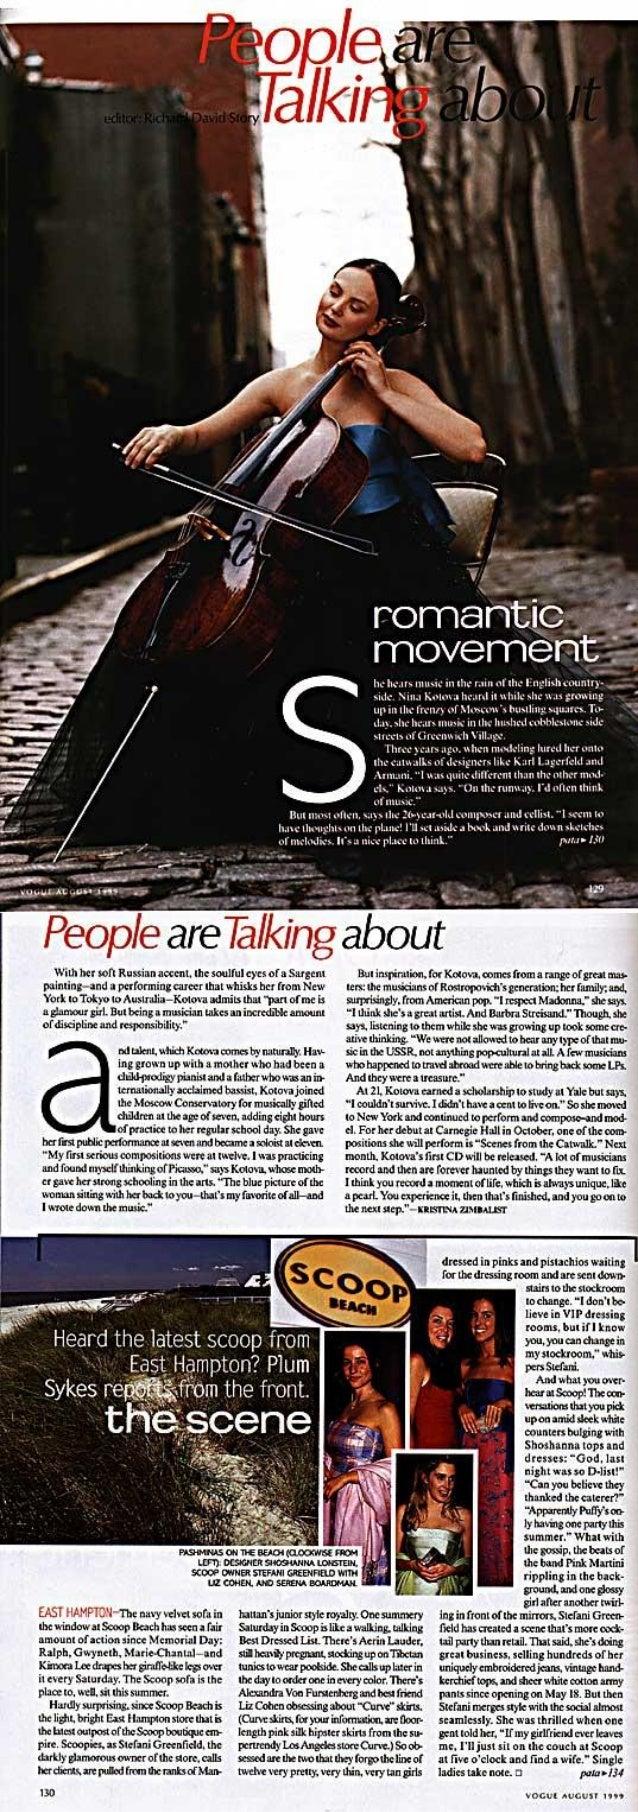 Nina Kotova: VOGUE. ROMANTIC MOVEMENT